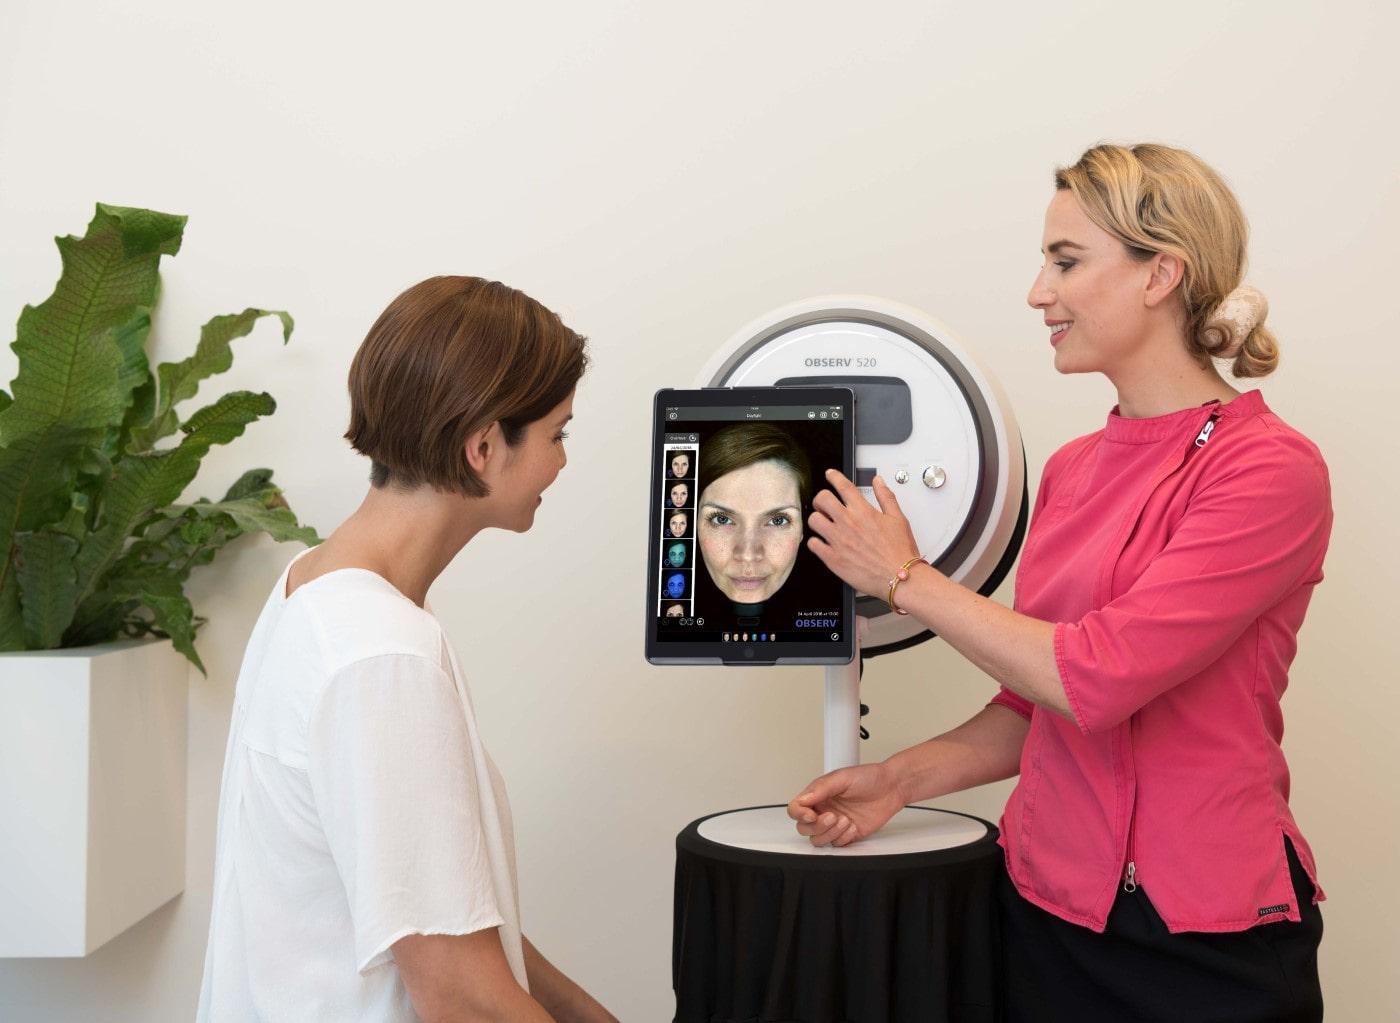 Buche unsere Hautanalyse mit unserem Observ 520 Ais System